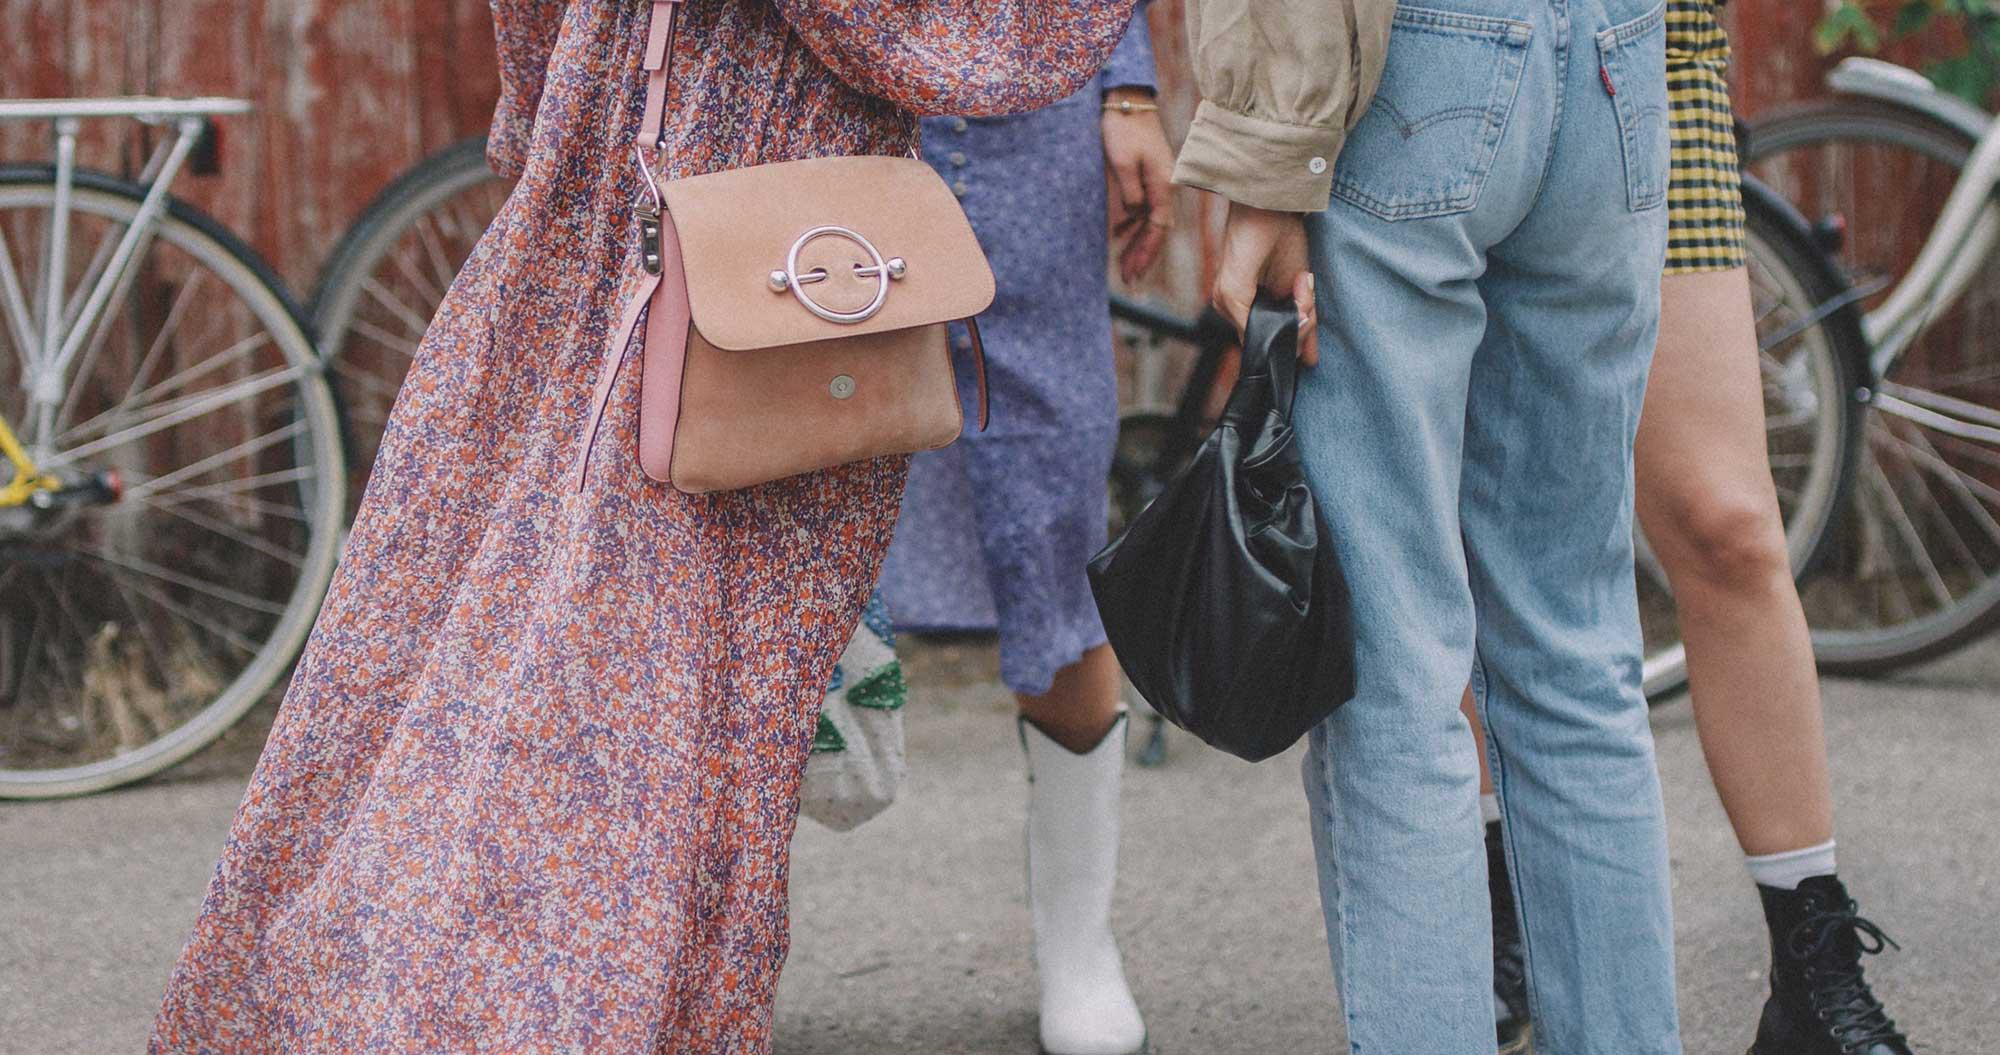 Copenhagen Fashion Week - Best outfits of Copenhagen Fashion Week street style